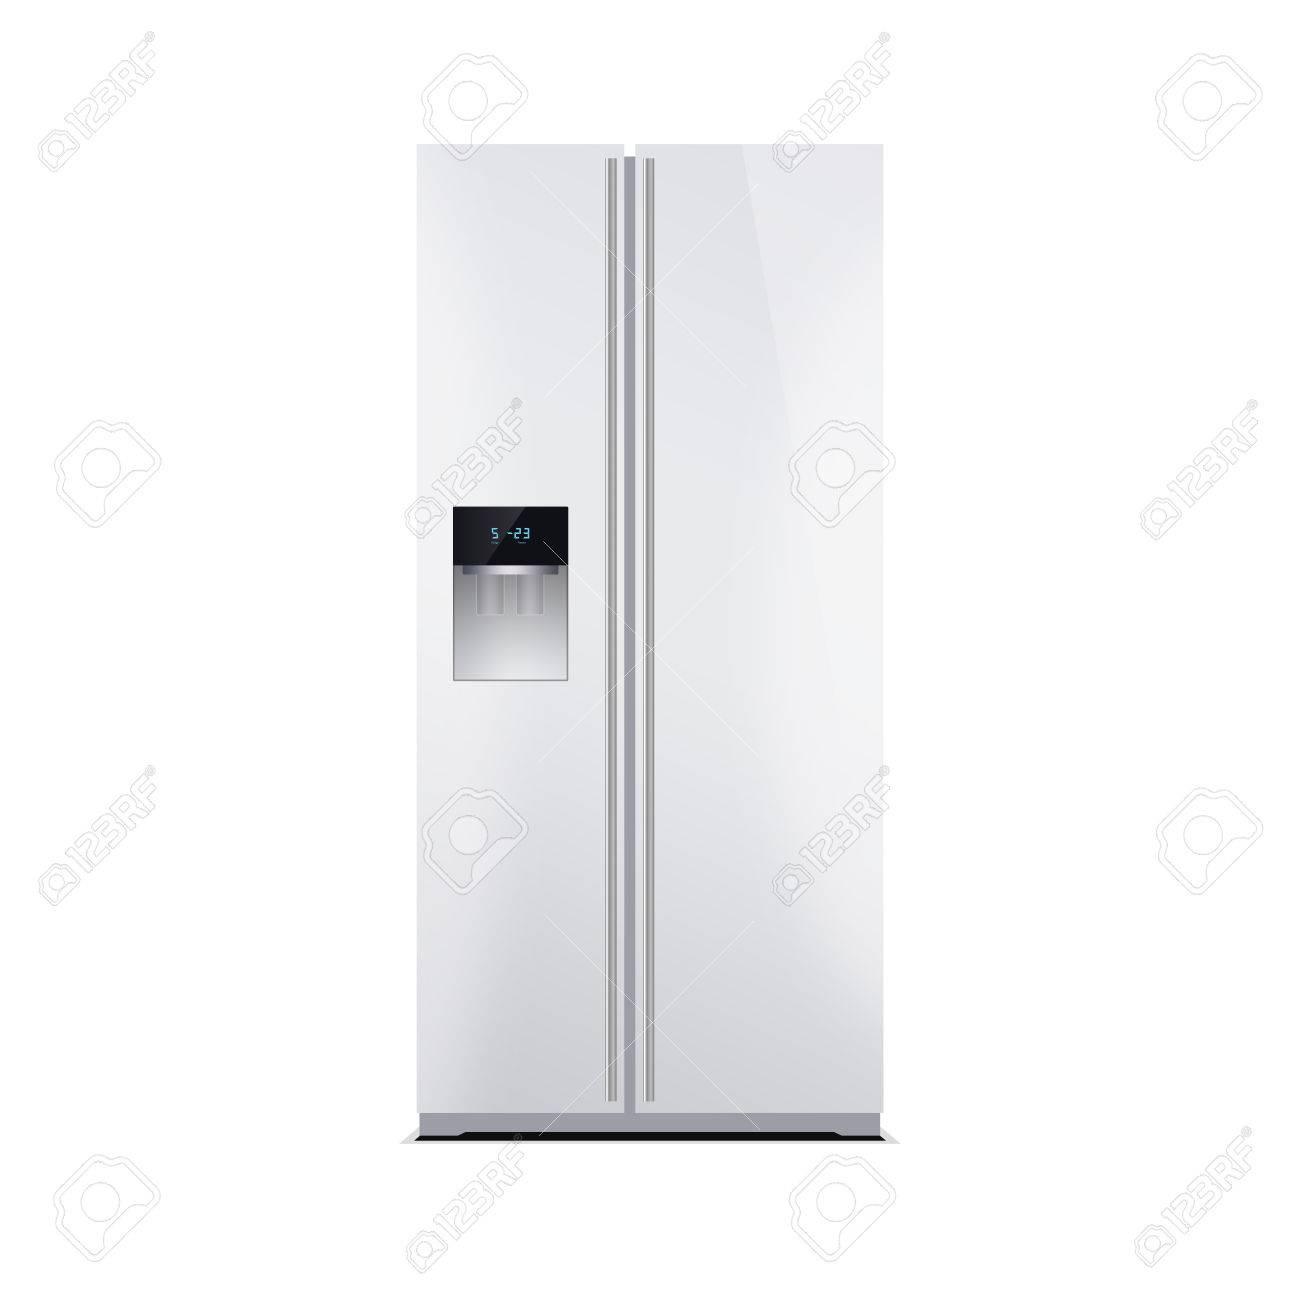 Amerikanischen Stil Kühlschrank Mit Gefrierfach, Isoliert Auf Weiss ...